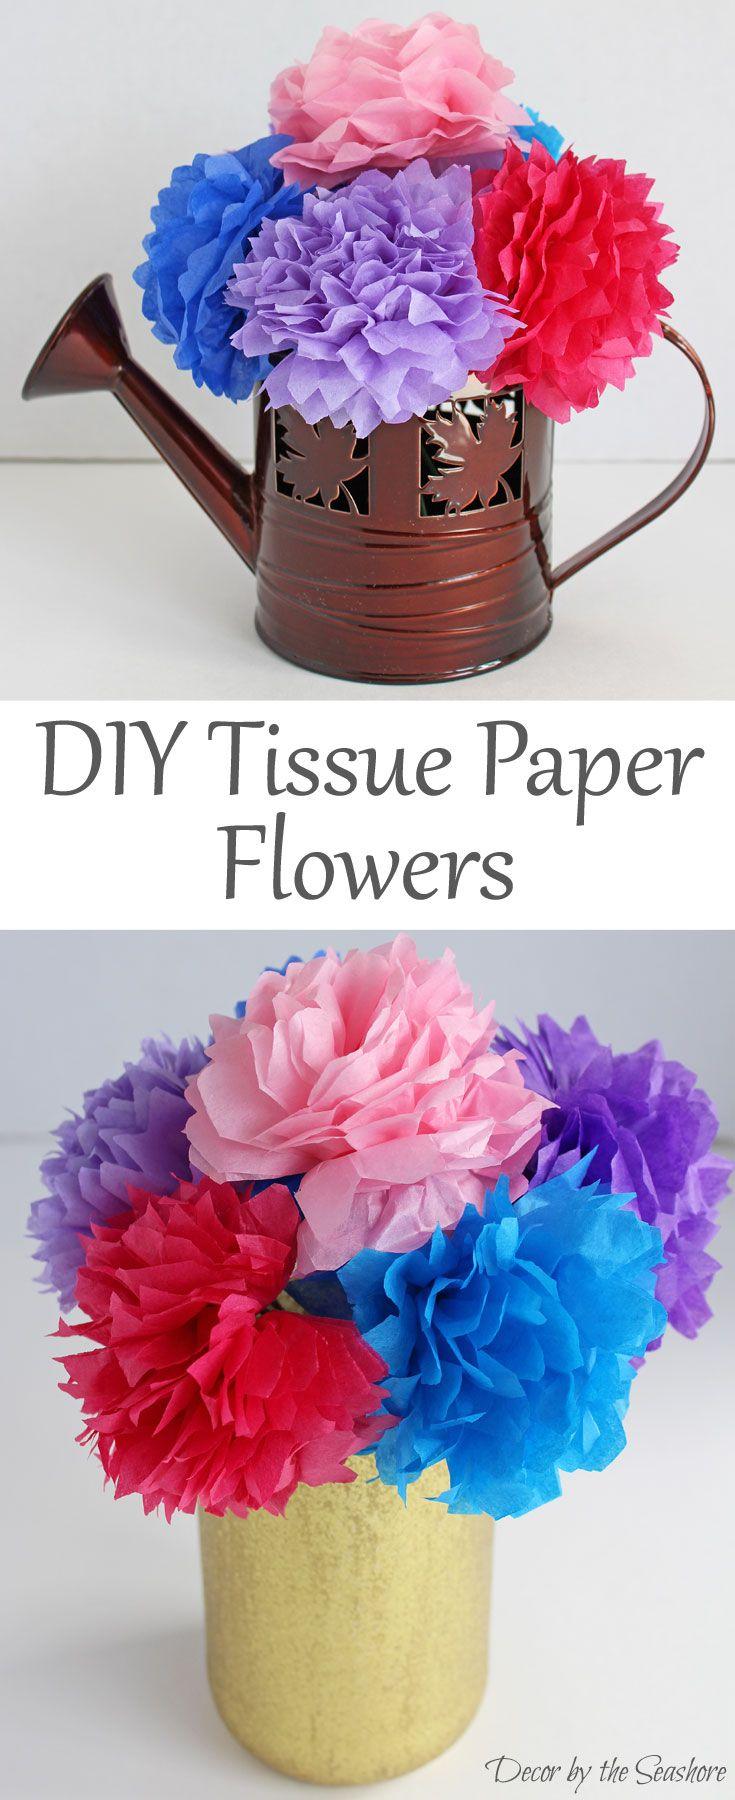 Diy Tissue Paper Flowers Tutorial Makinflowers Paper Flowers